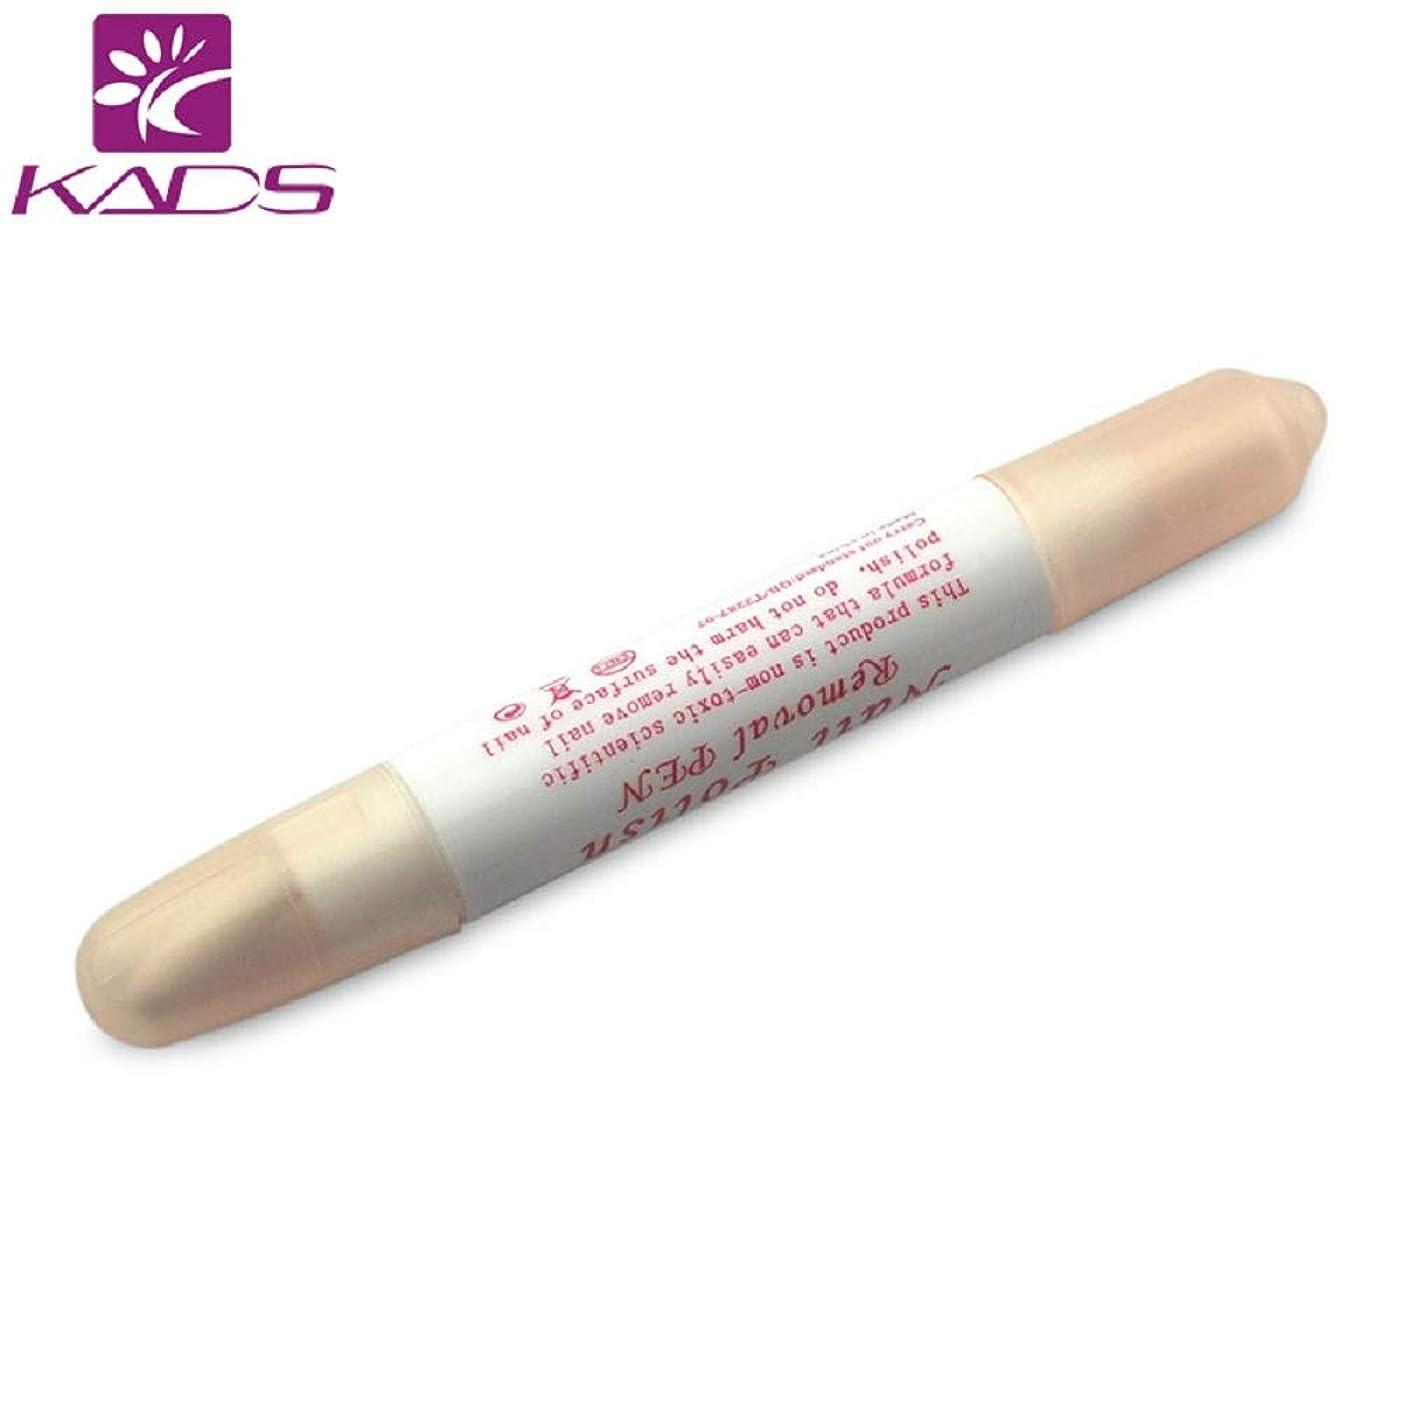 志す歴史嘆願KADS多色 ネイル補正ペン ネイルポリッシュリムーバーペン ネイルリムーバーペン マニキュア除去ネイルツール 繰り返使用 (2)